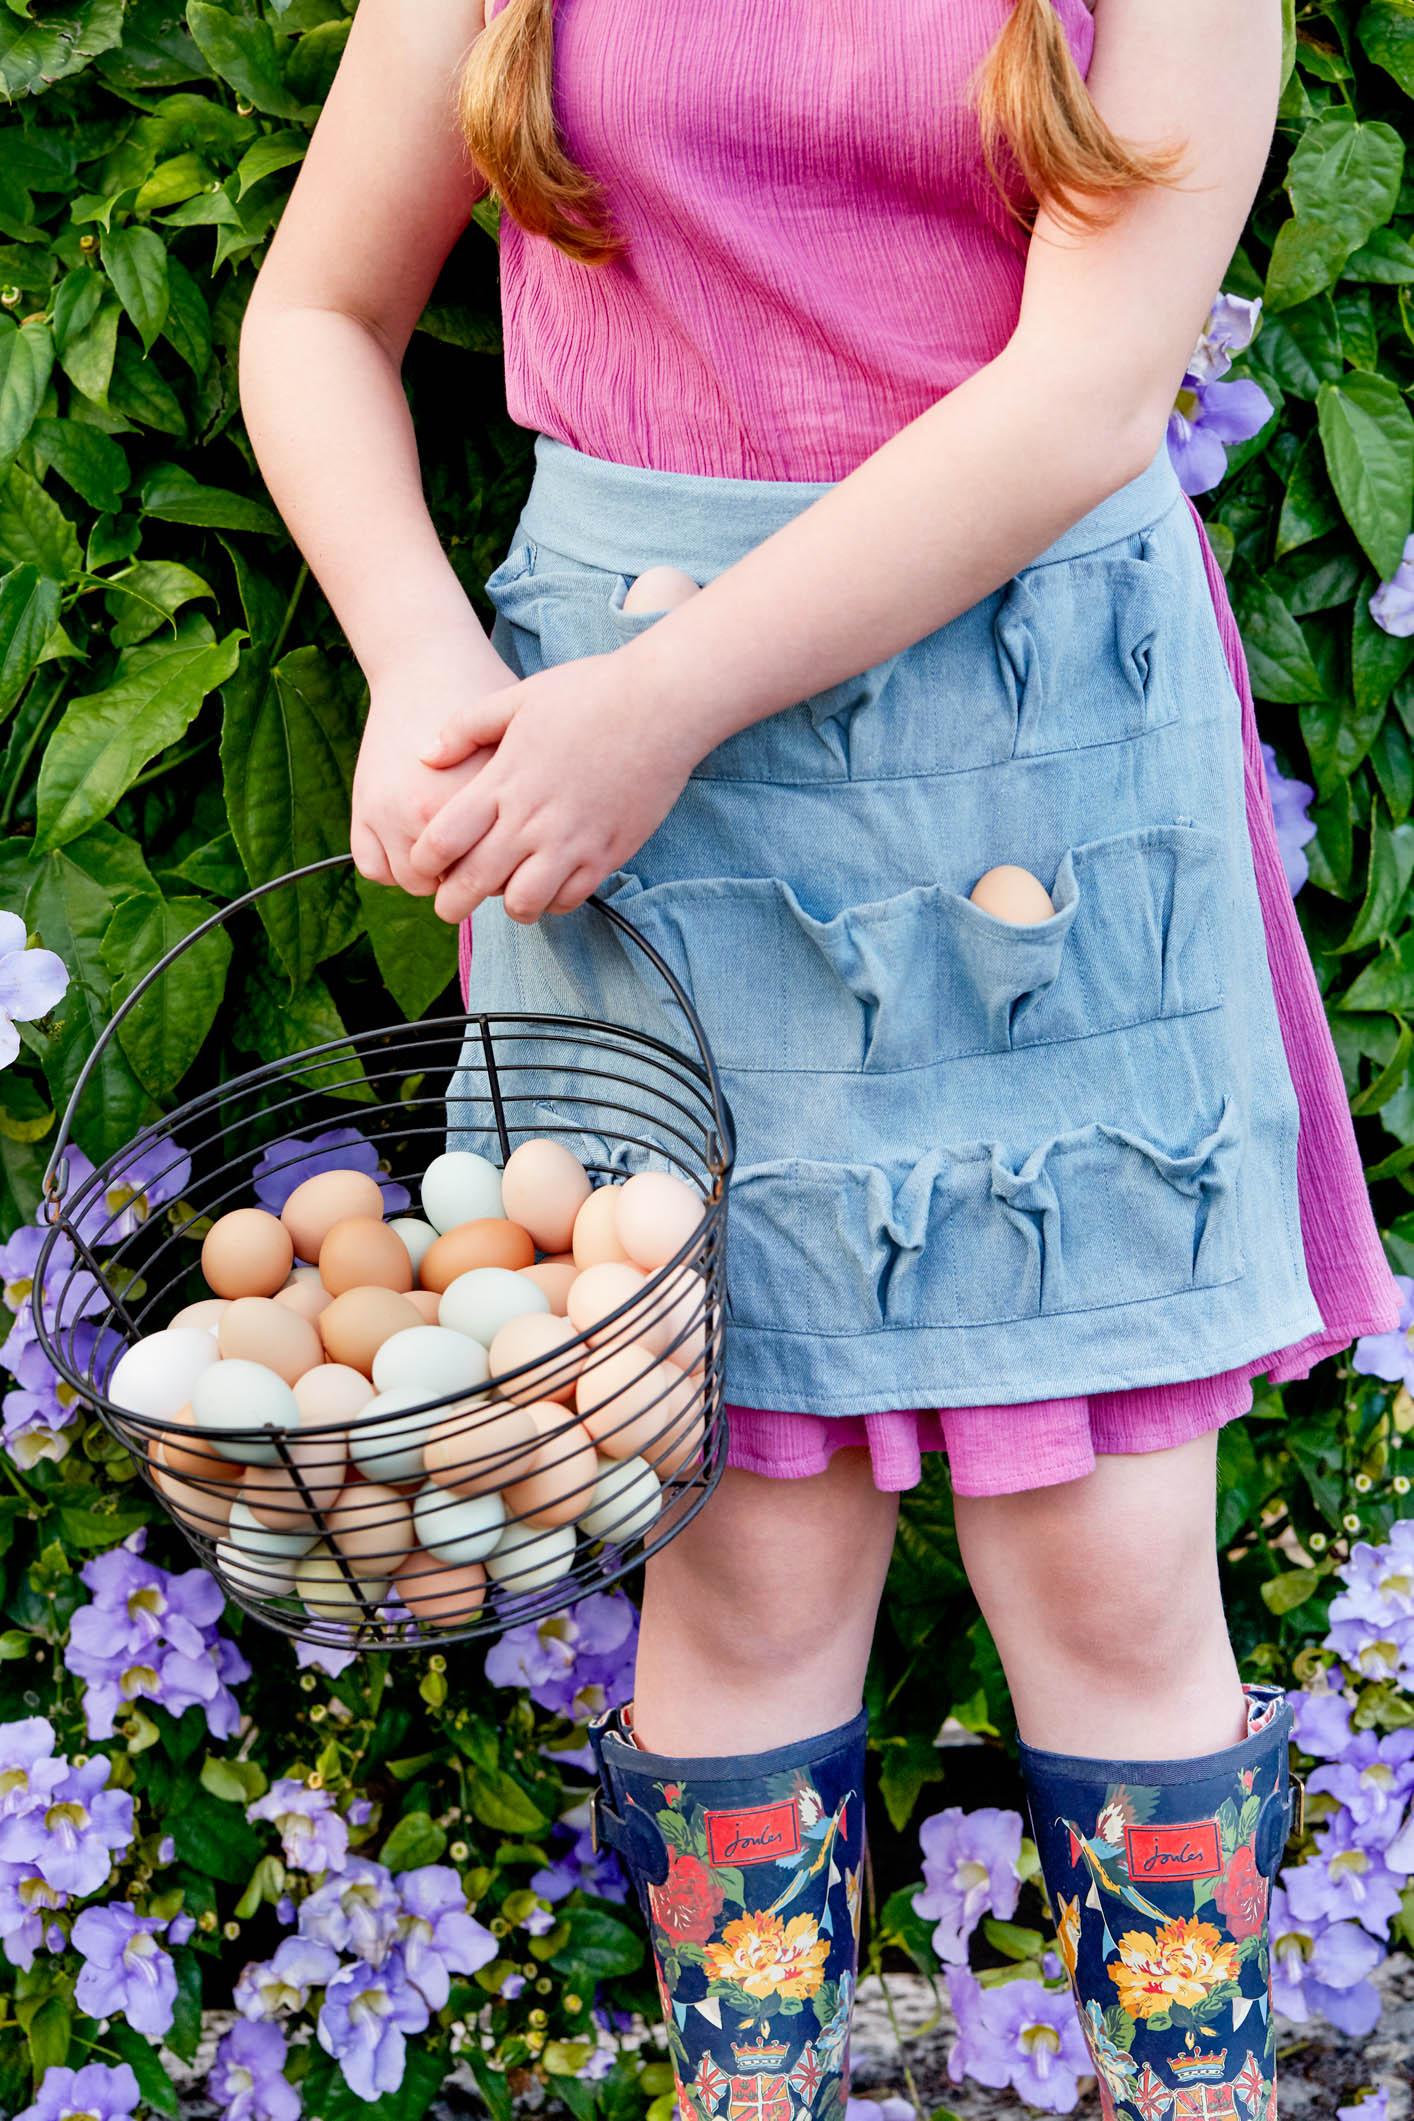 girl-holding-egg-basket.jpg